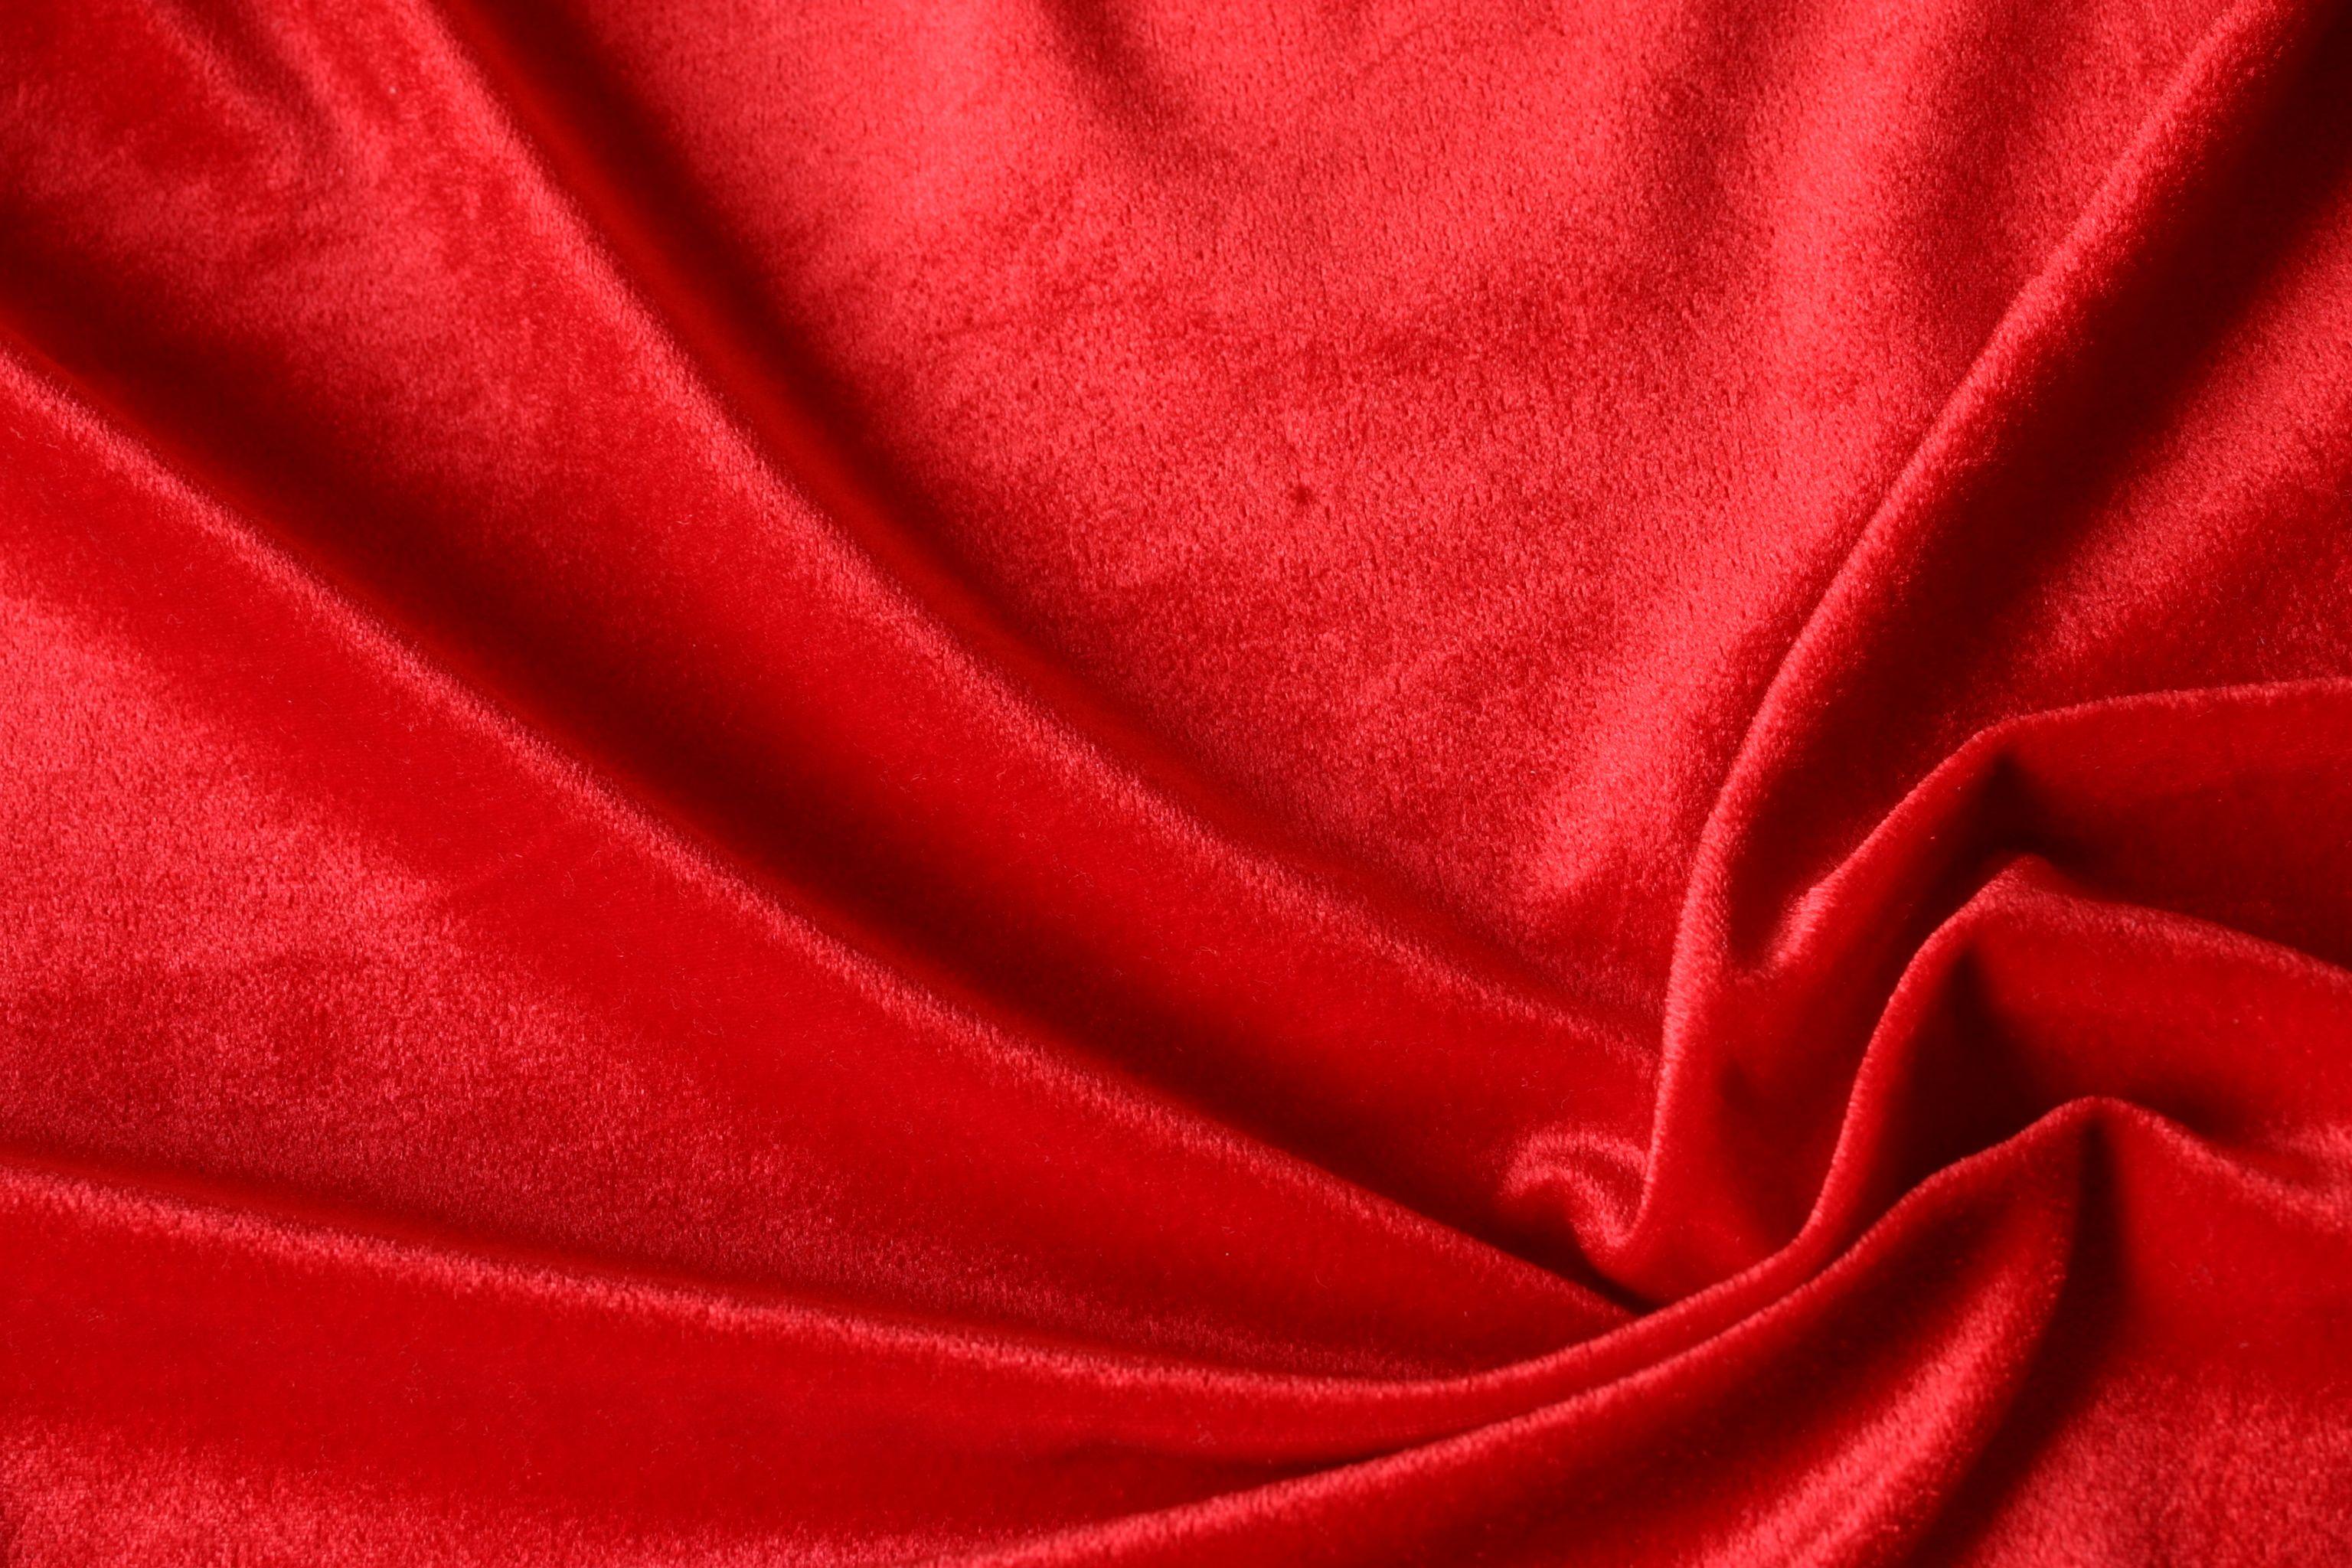 Red Velvet 3072x2048